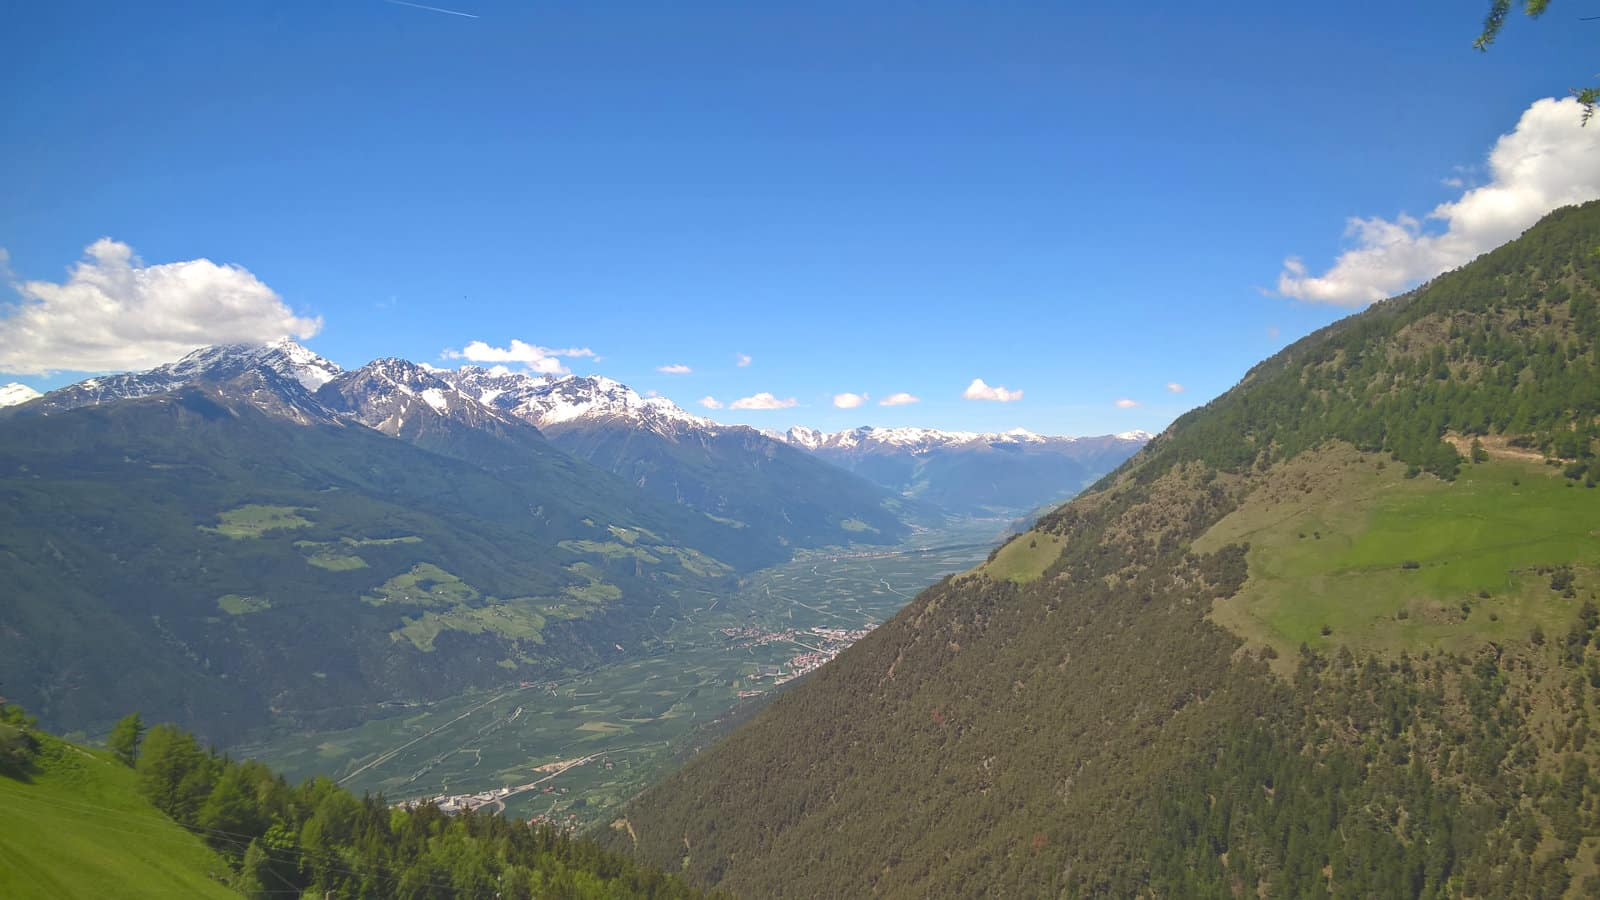 Aussichten auf die Vinschger Berge